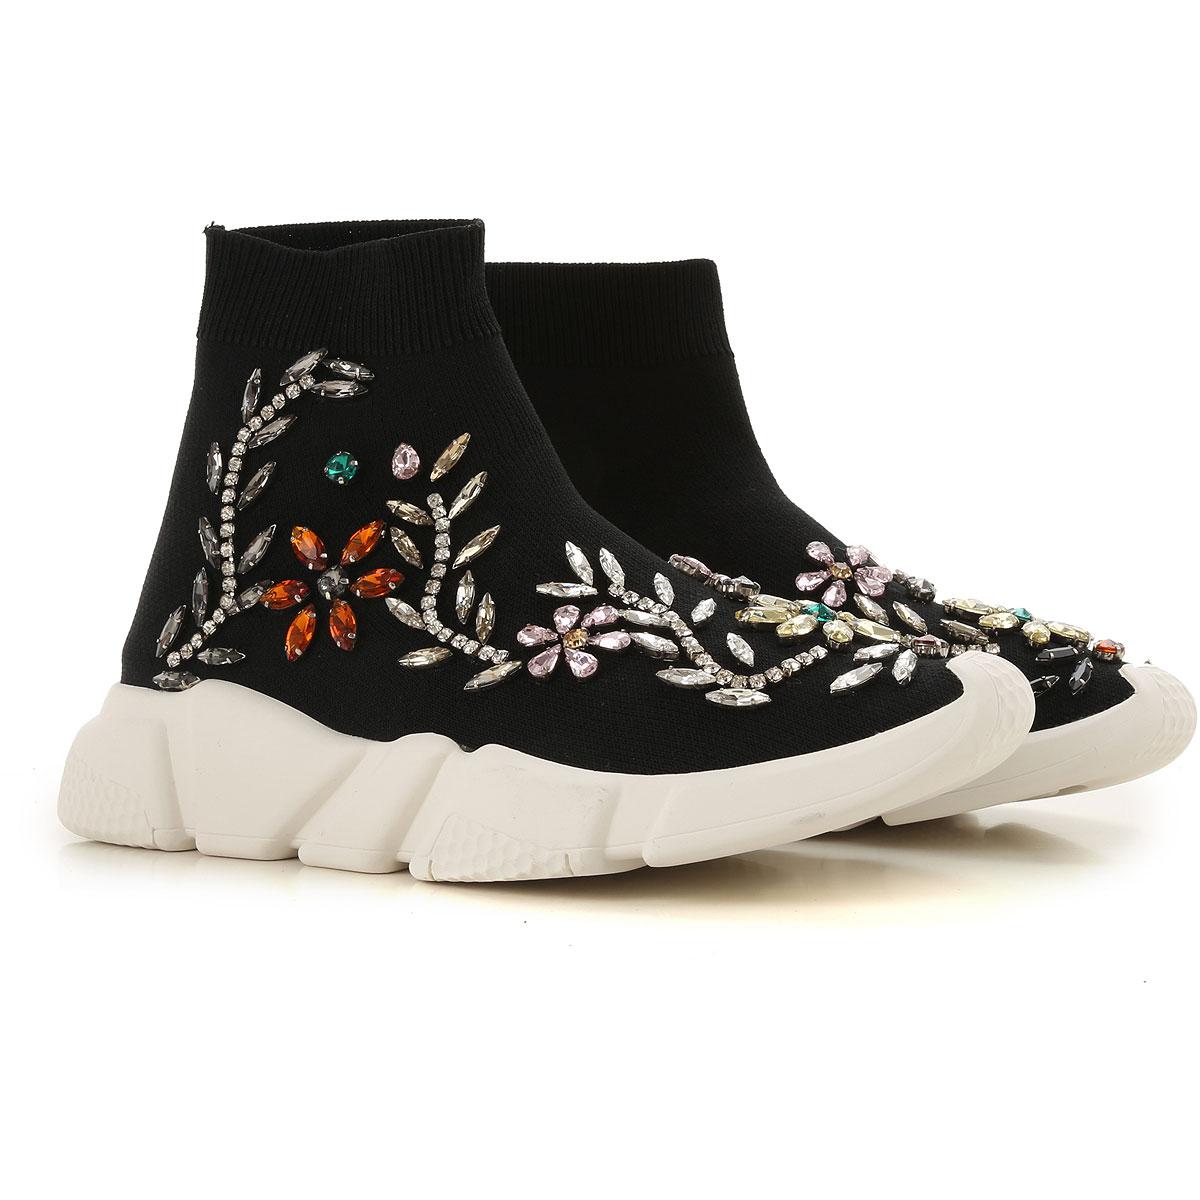 Image of ESSENTIEL Antwerp Boots for Women, Booties, Black, Fabric, 2017, 10 6 7